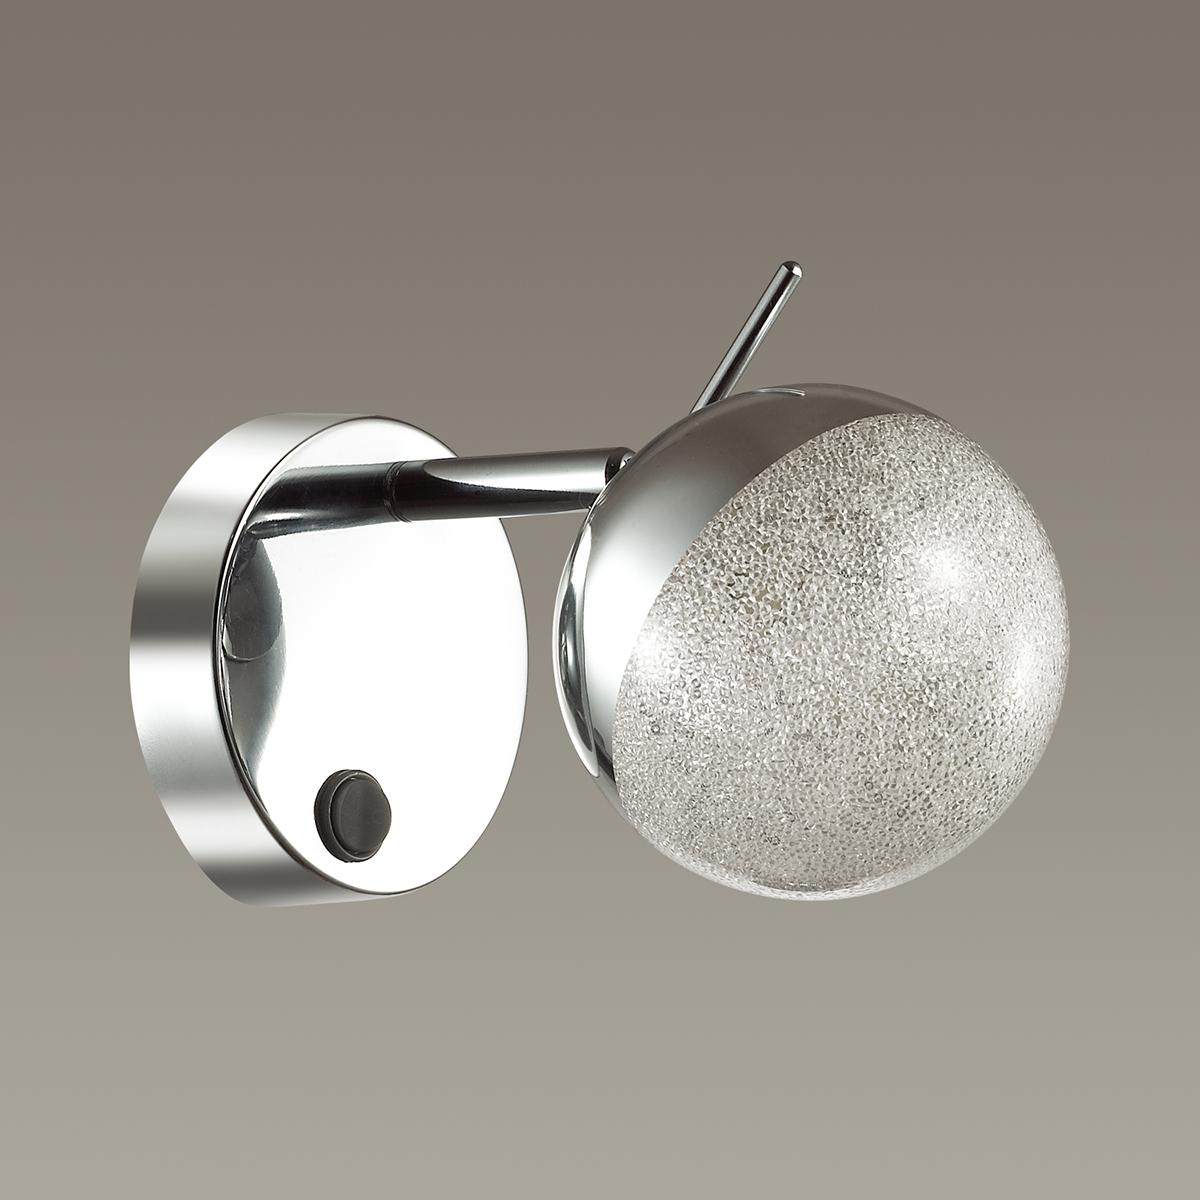 Настенный светильник с регулировкой направления света Lumion Gala 3632/1W, хром, матовый, металл, стекло - фото 4